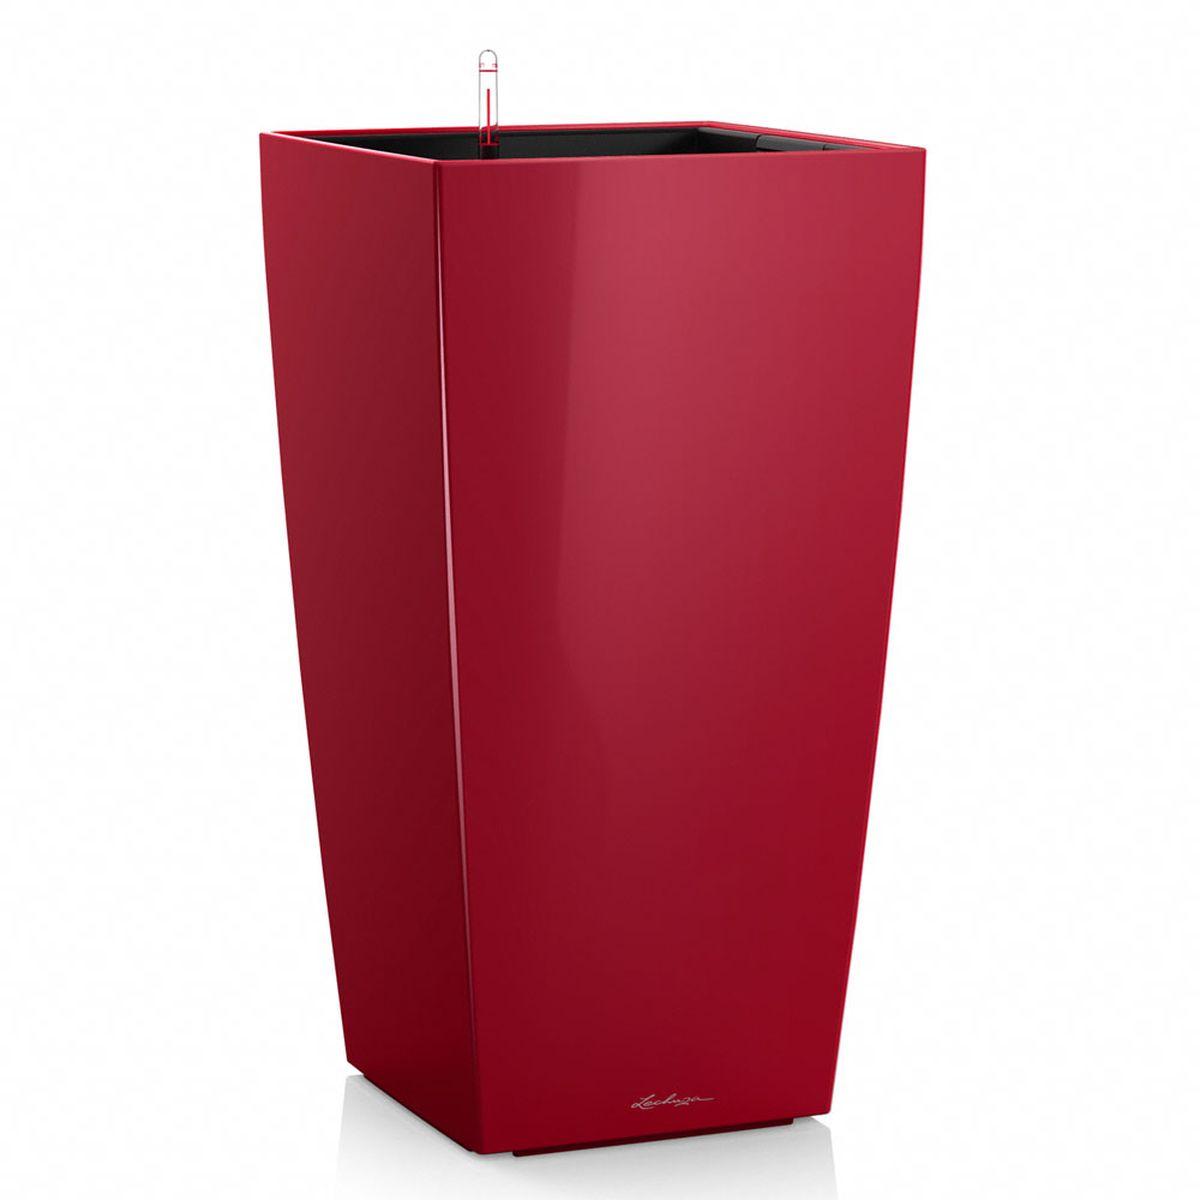 """Кашпо Lechuza """"Cubico Premium"""", с системой автополива, цвет: красный, 22 х 22 х 41 см"""